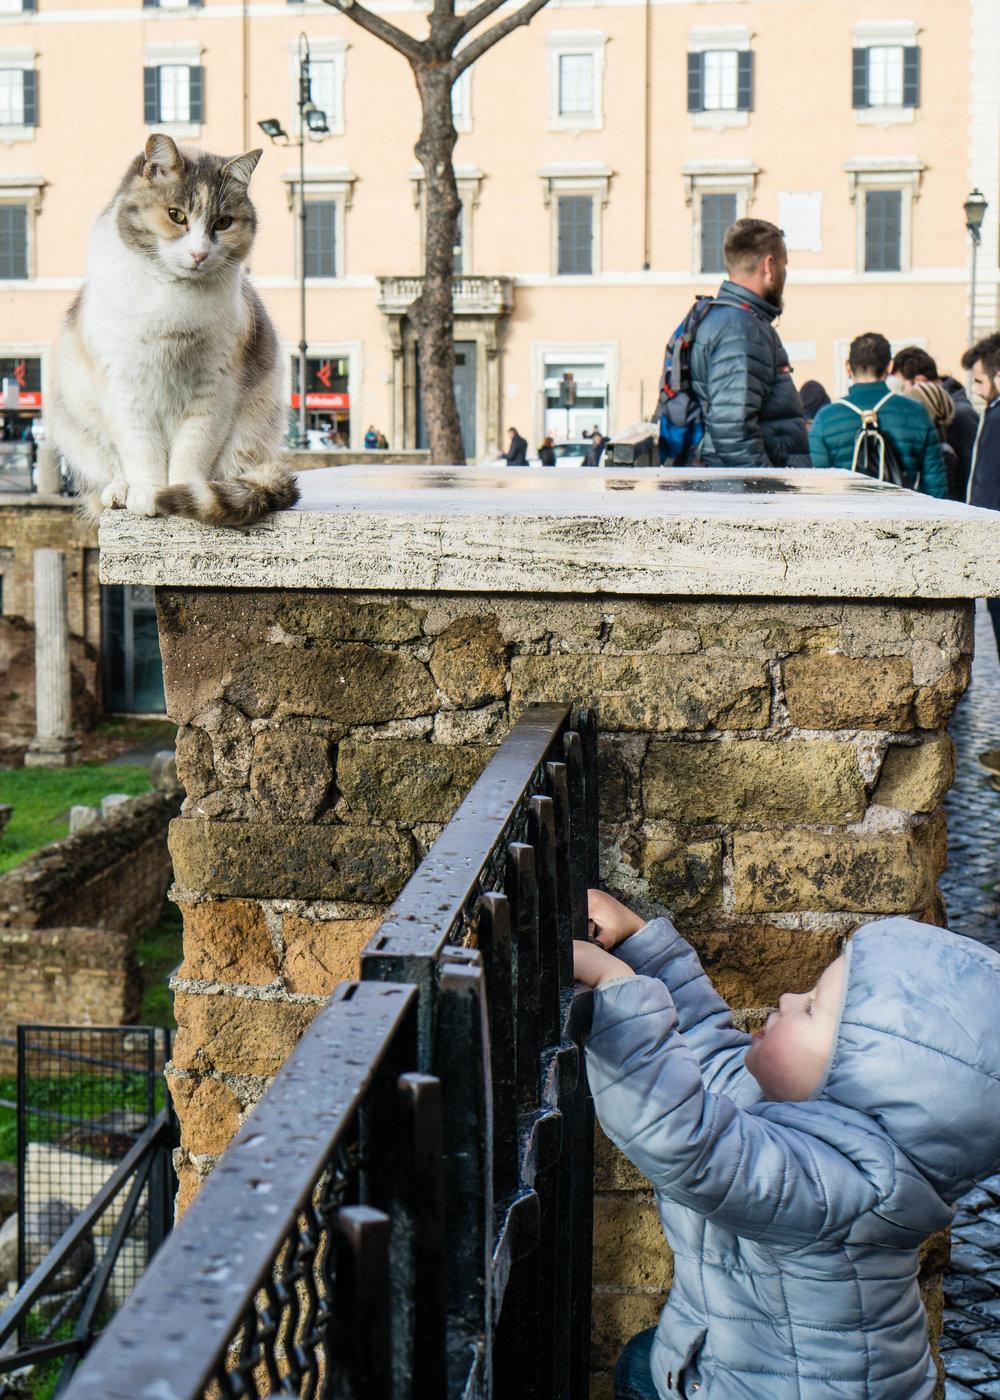 Kid & cat, Rome